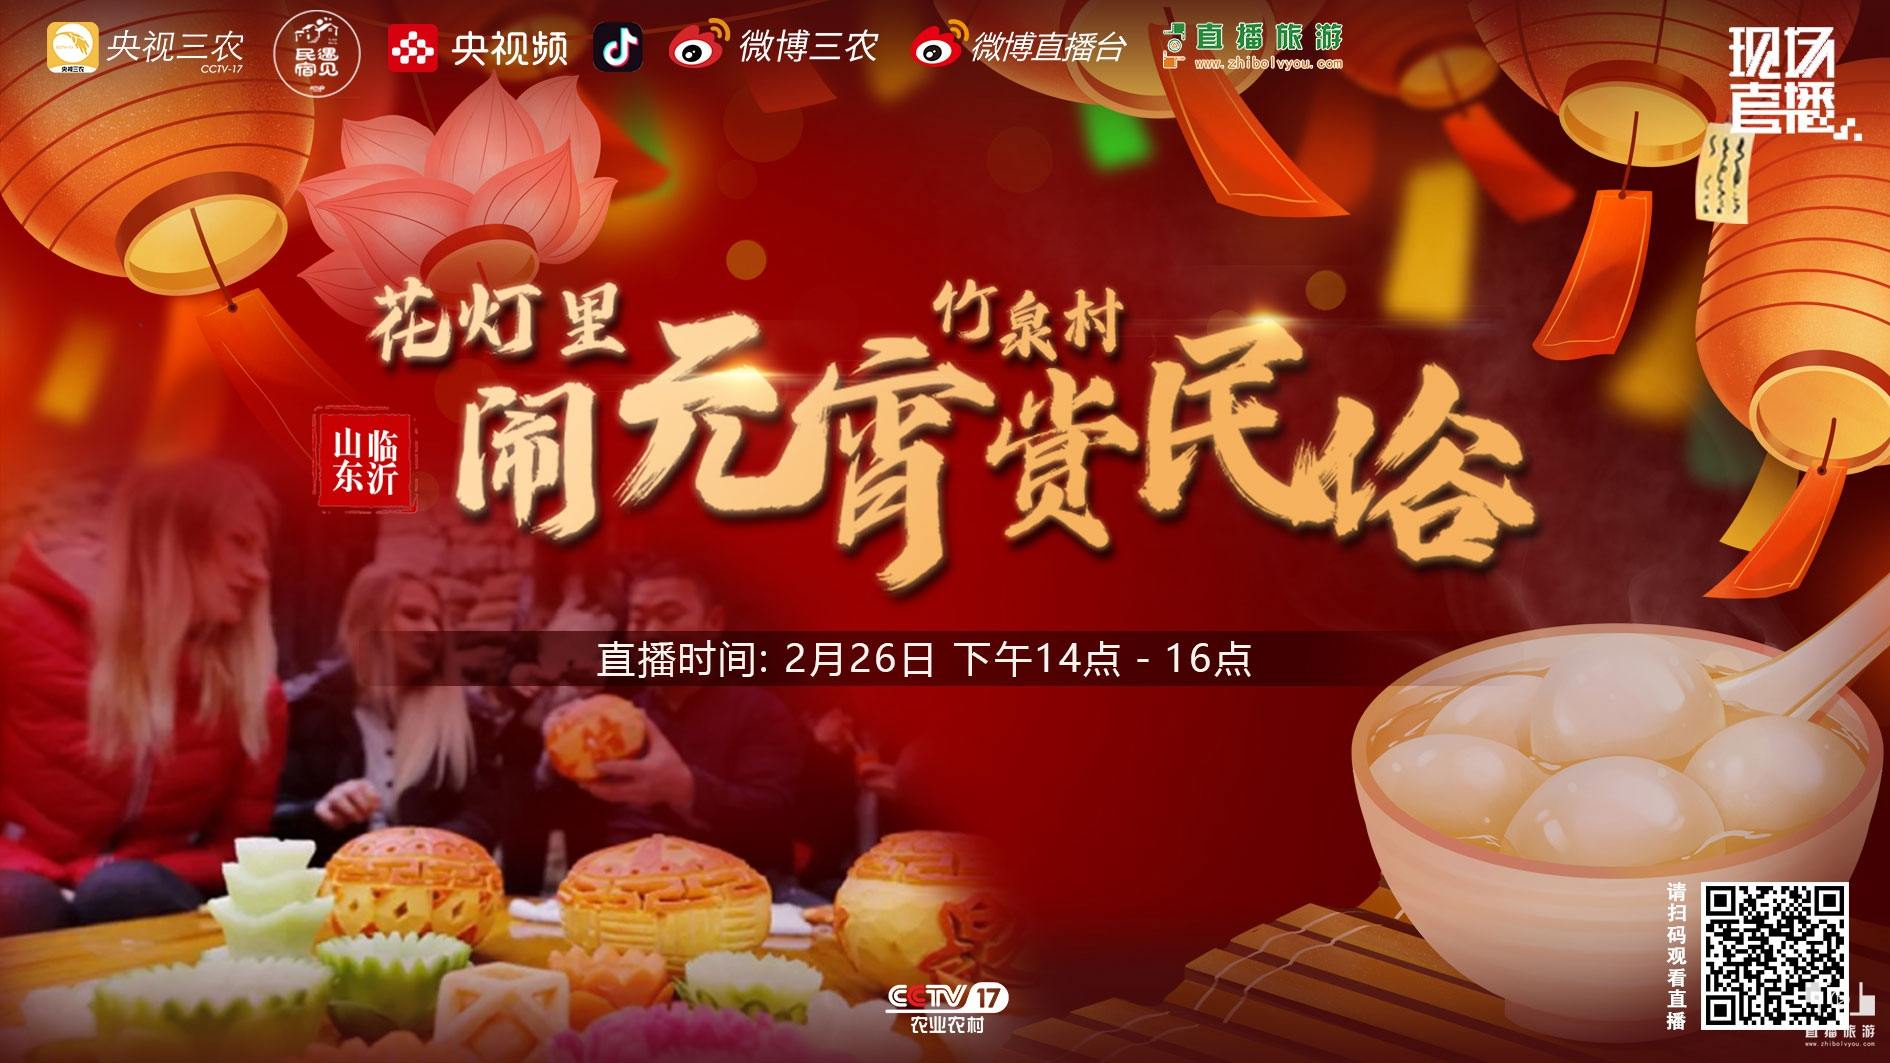 沂南竹泉村 正月十五赏民俗,闹花灯